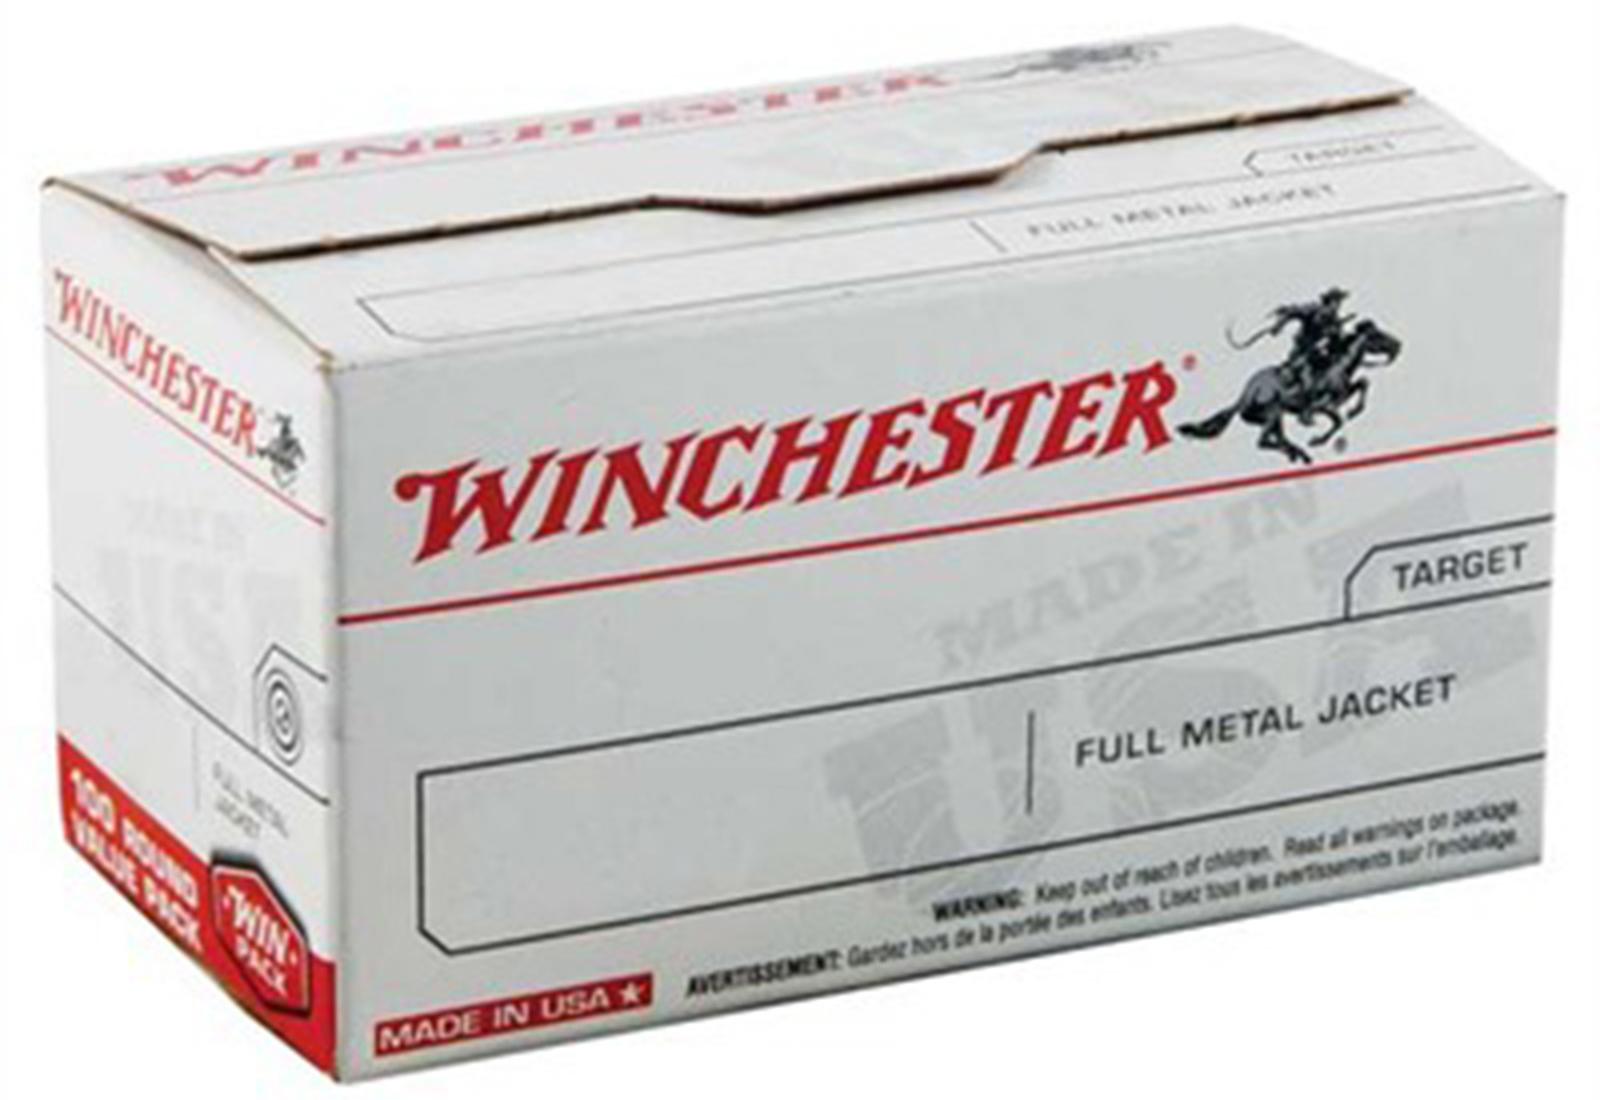 Патрон для нарезного оружия WINCHESTER (.22 l.r.)